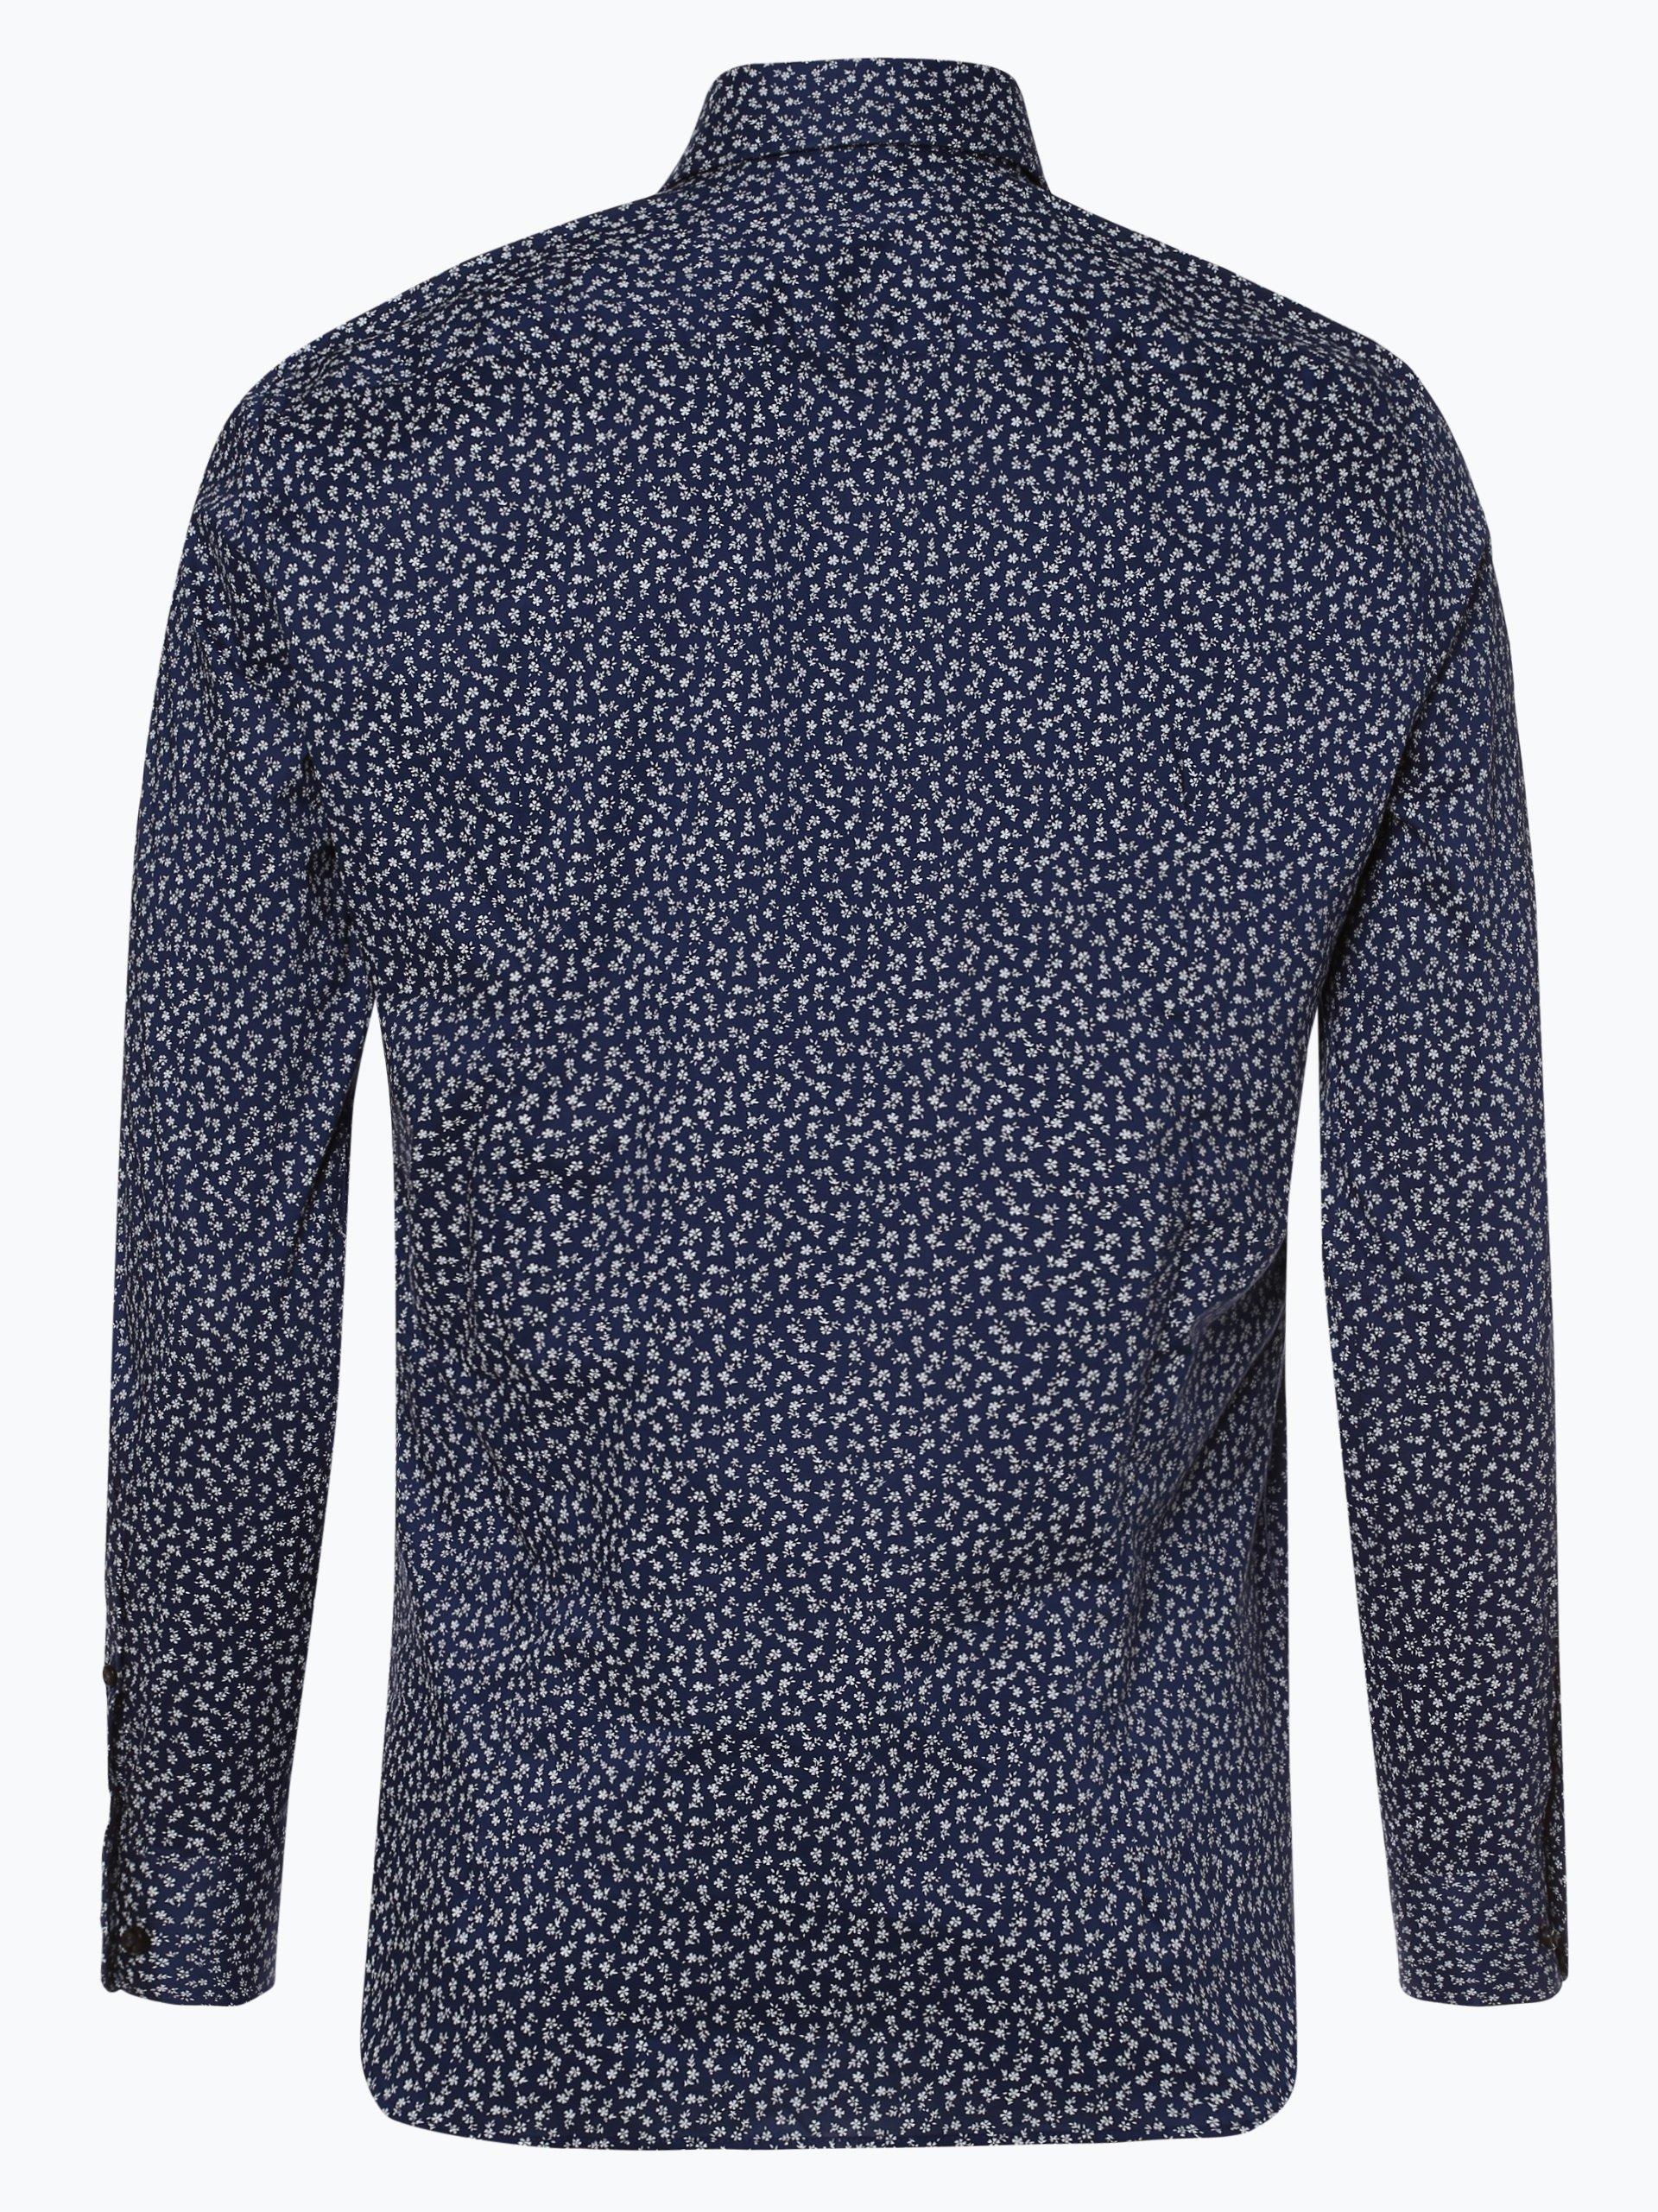 Joop Herren Hemd - Bügelleicht - Pajos